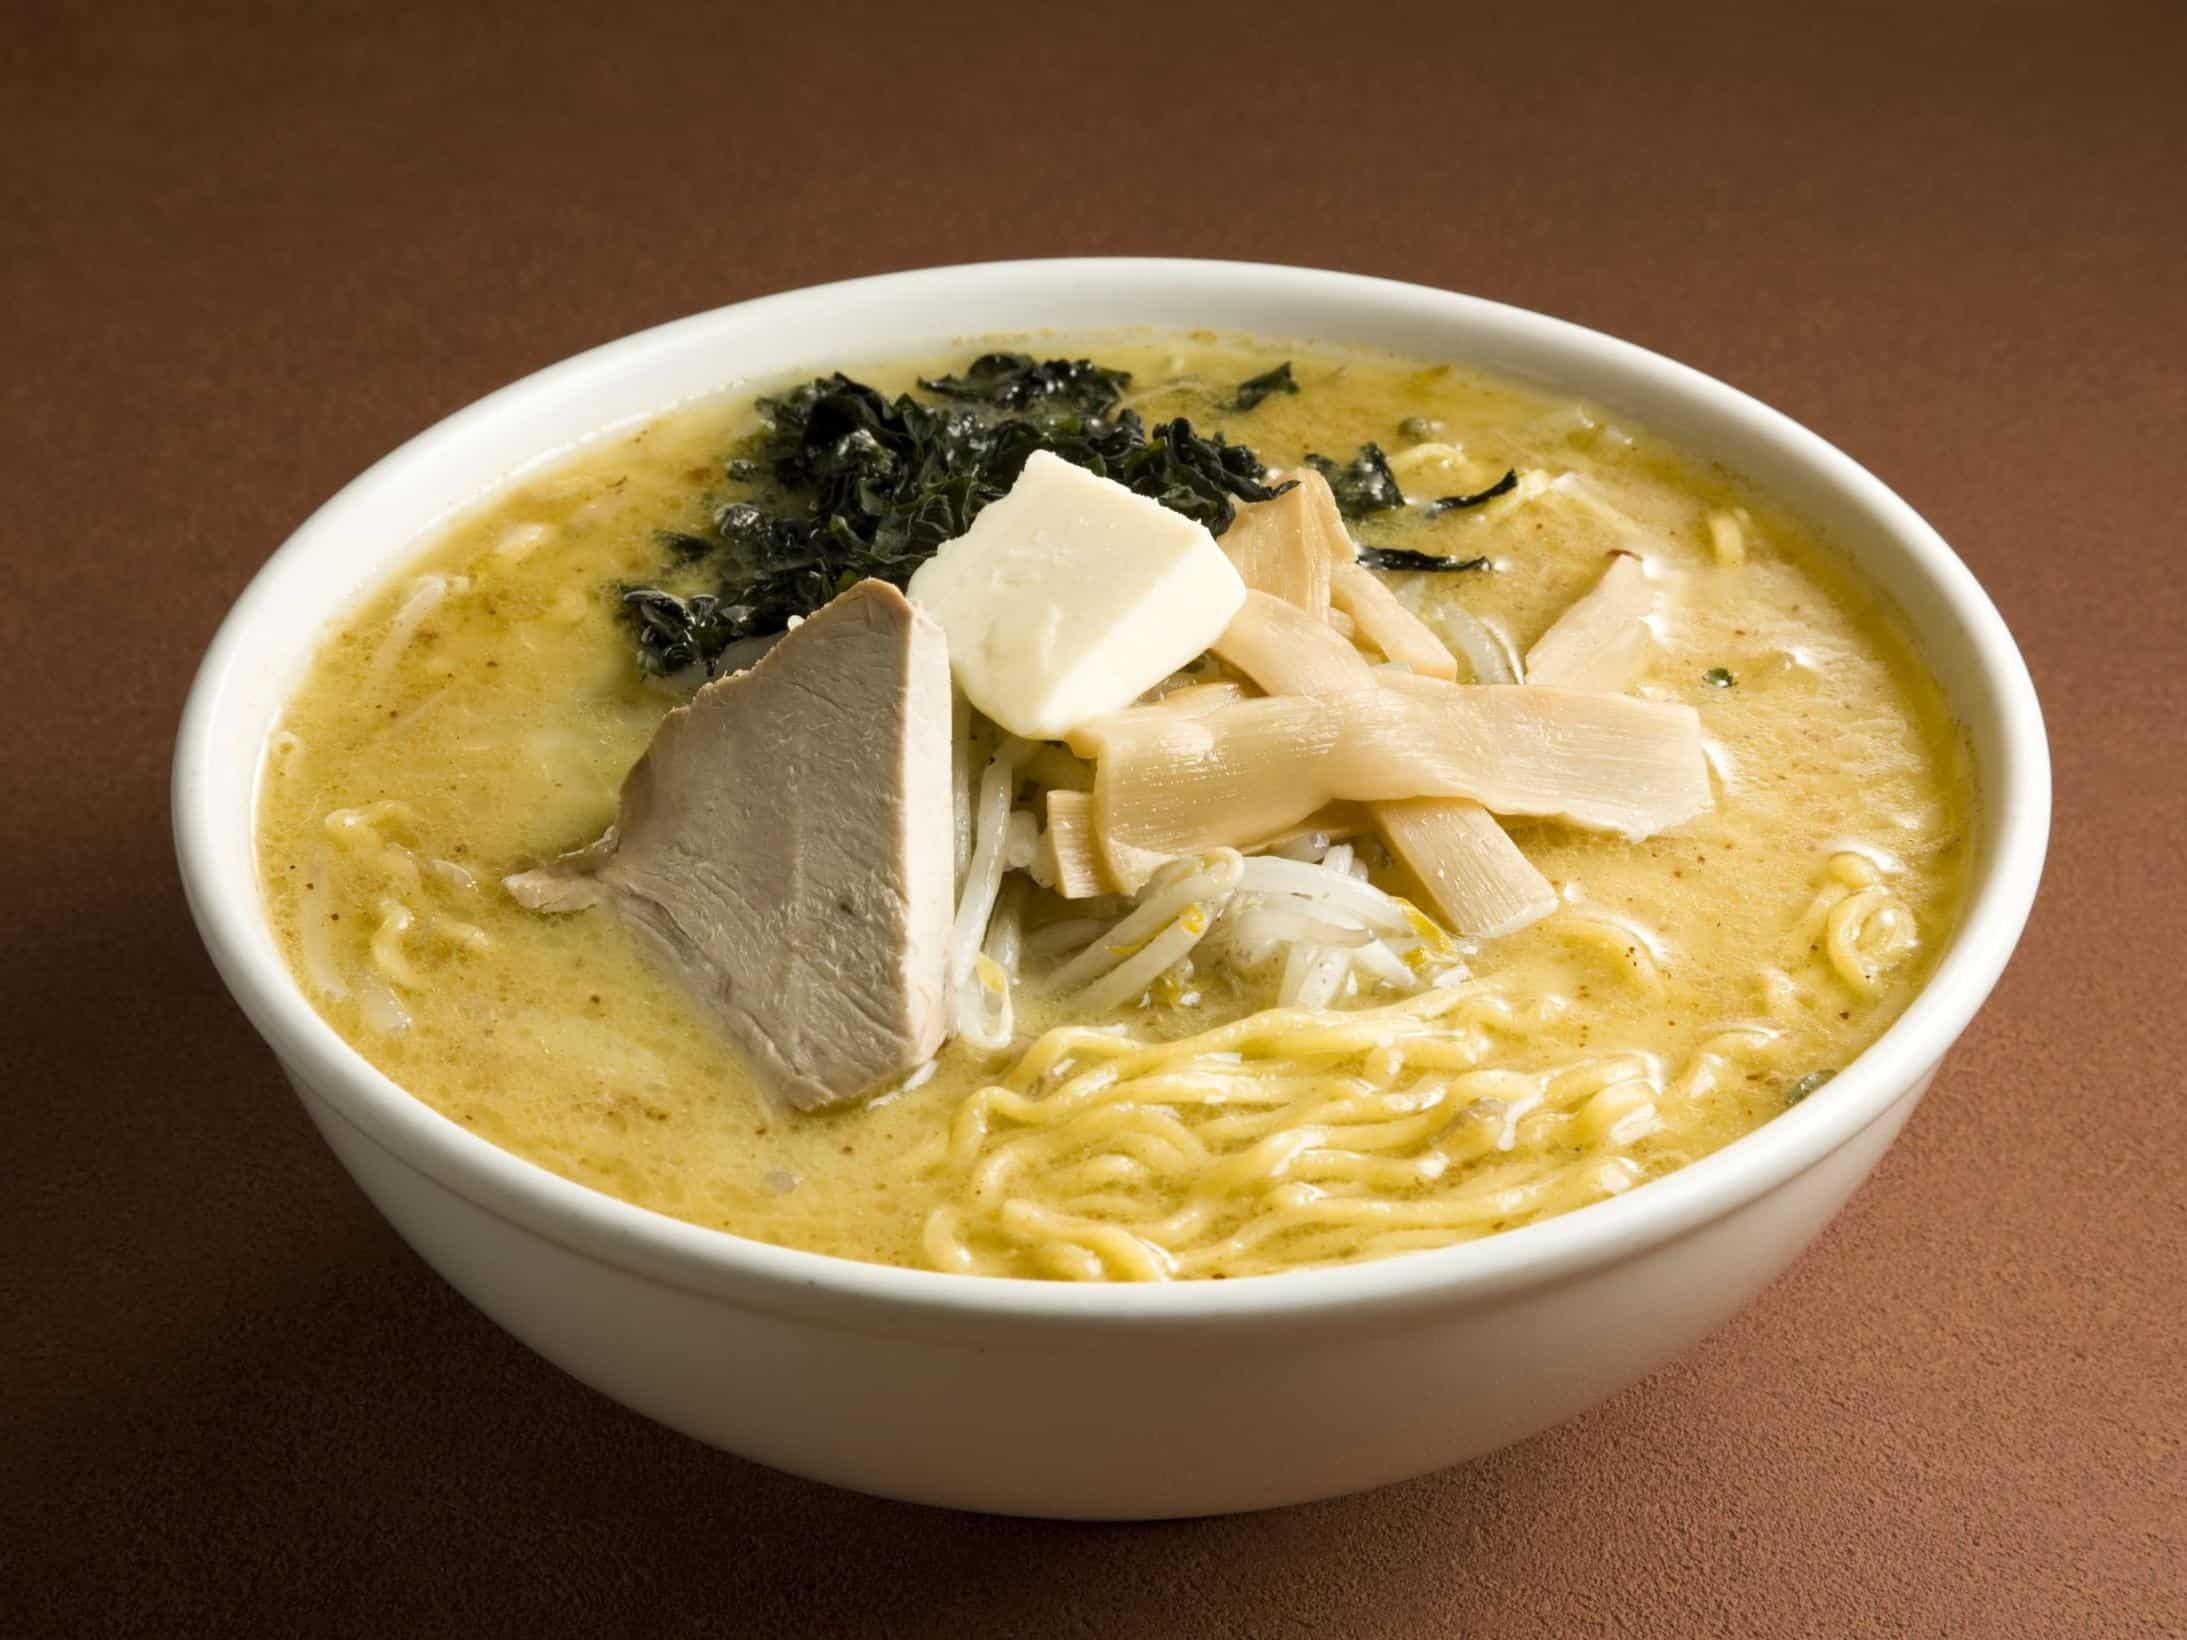 อาหาร จ.อาโอโมริ (Aomori) - ราเมนมิโสะแกงกะหรี่นมวัว (Miso Curry Milk Ramen)